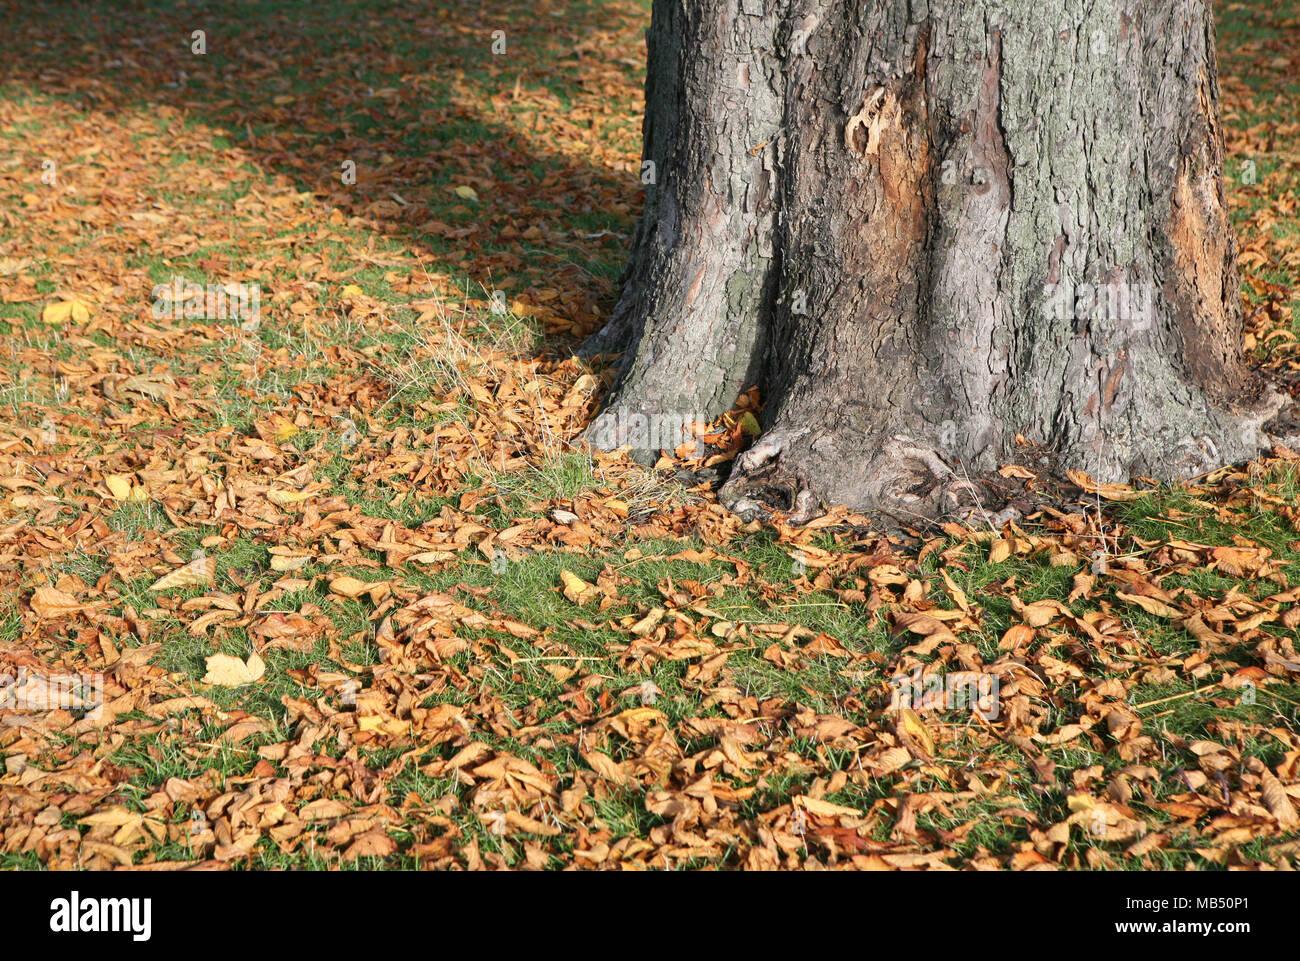 La base del tronco de un árbol en el campo de hojas marrón amarillo Imagen De Stock